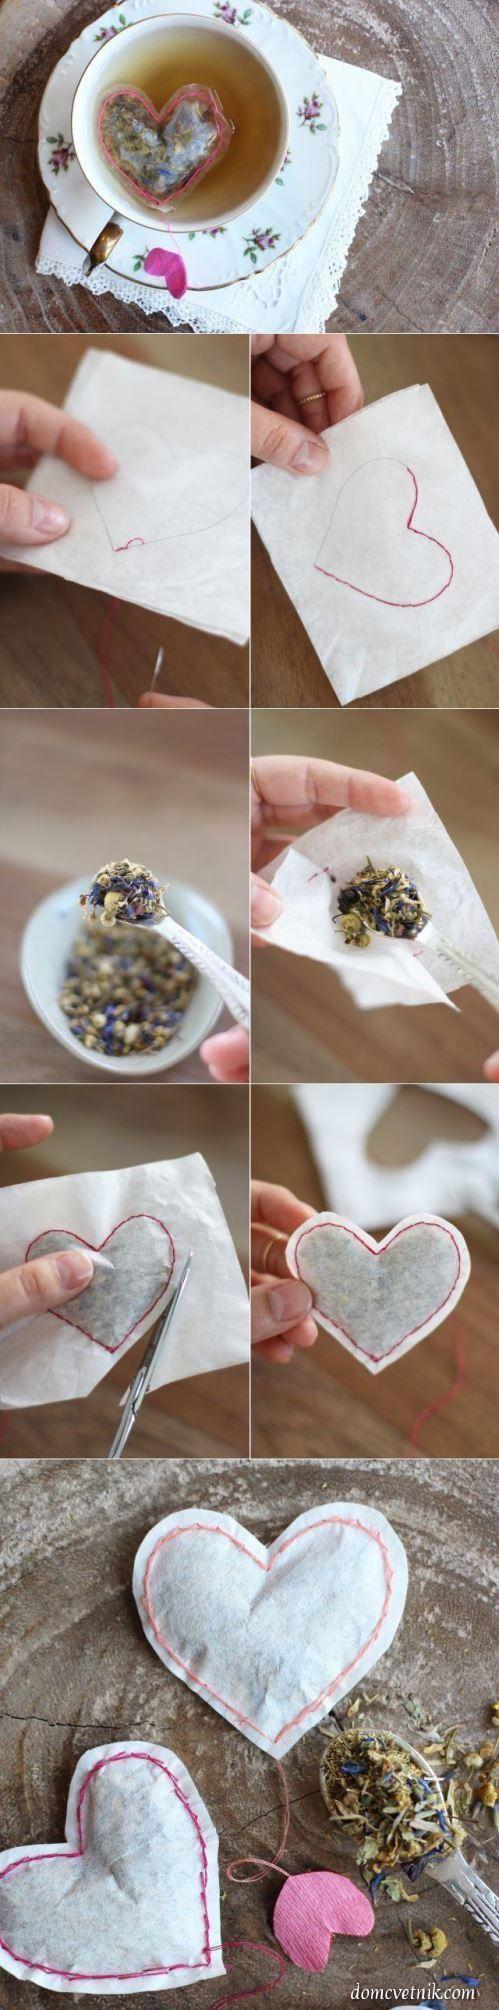 homemade heart-shaped tea bags